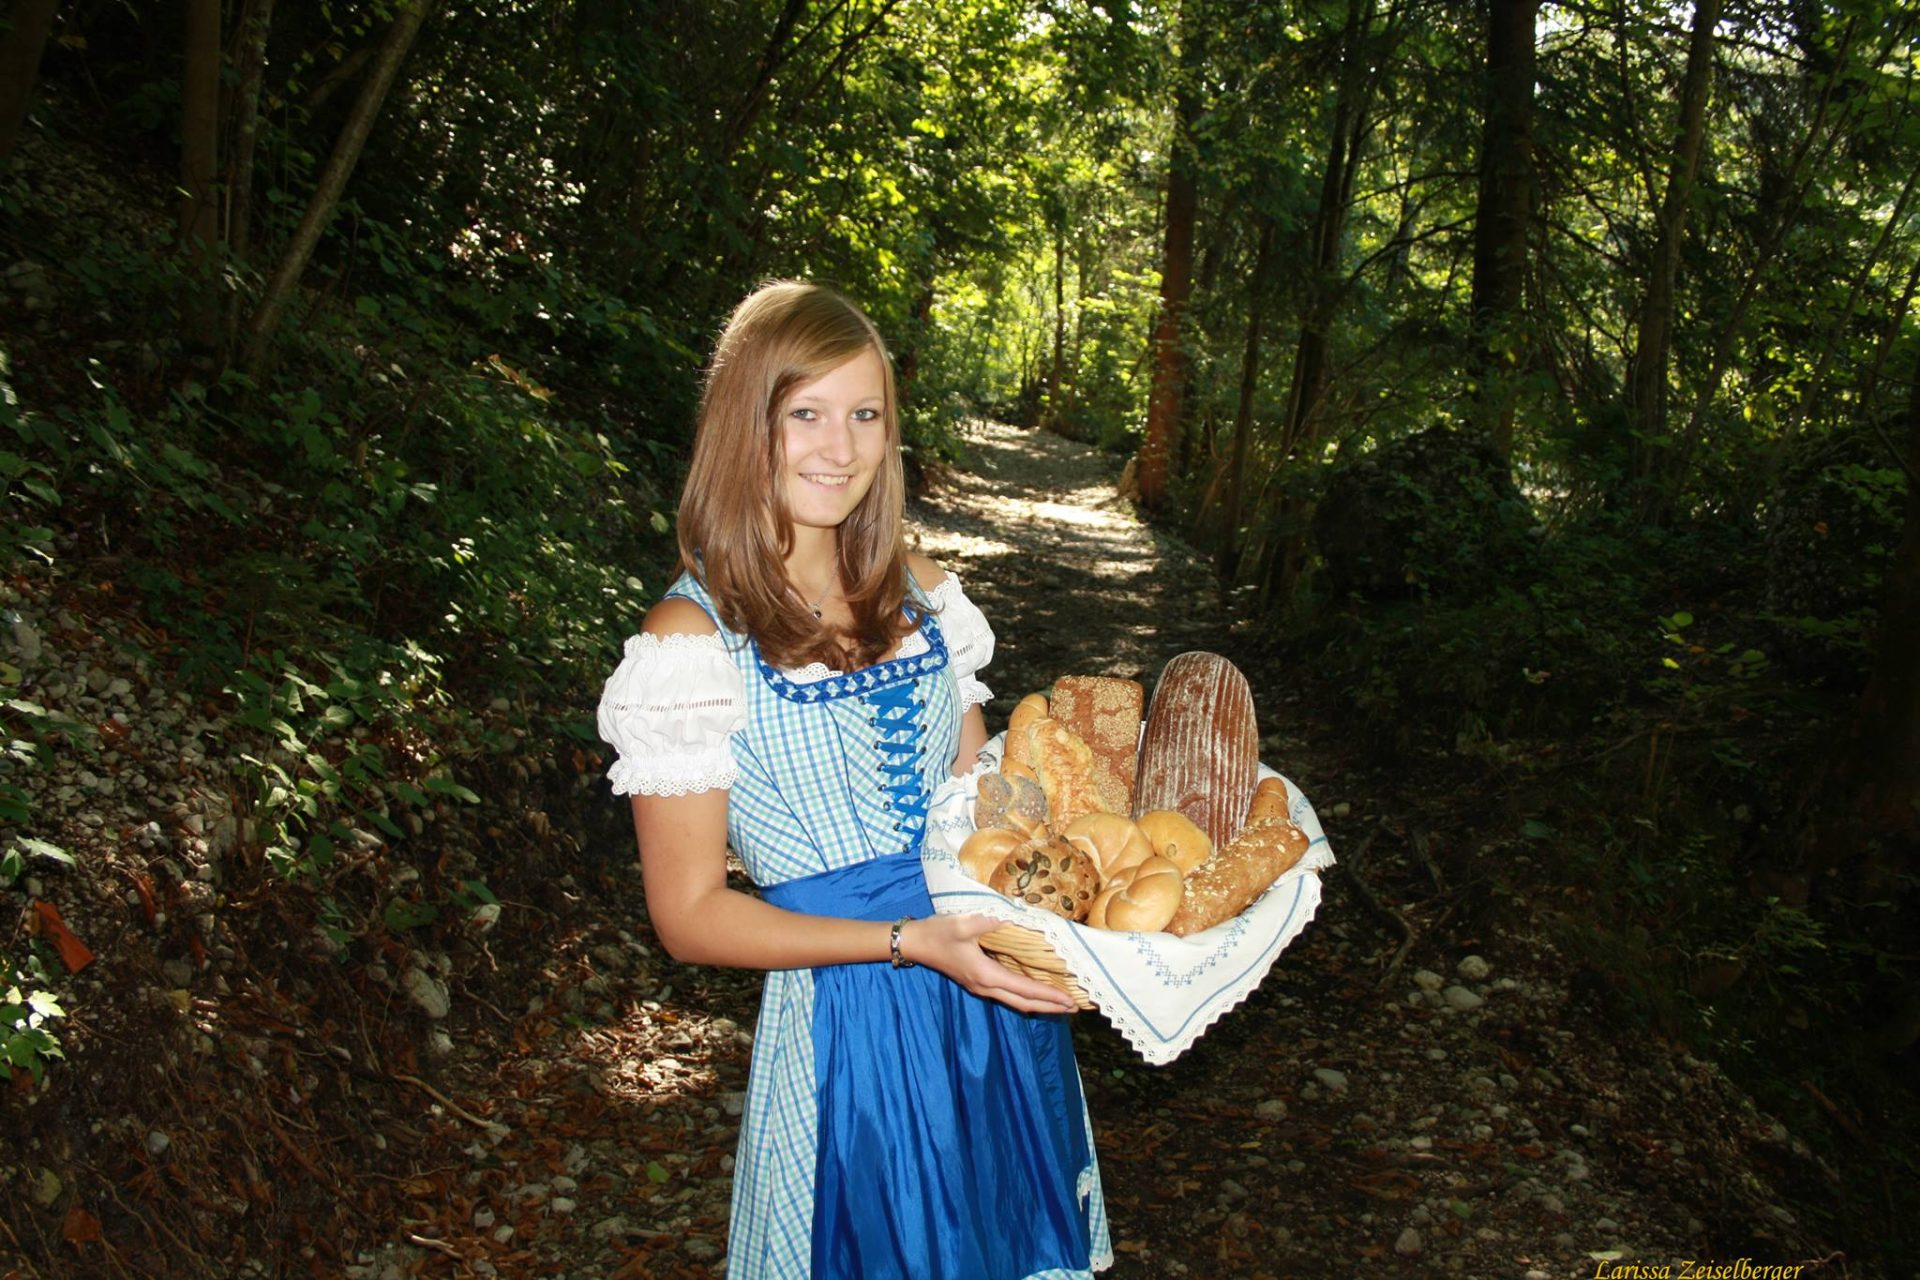 Bäckerei in der vierten Generation